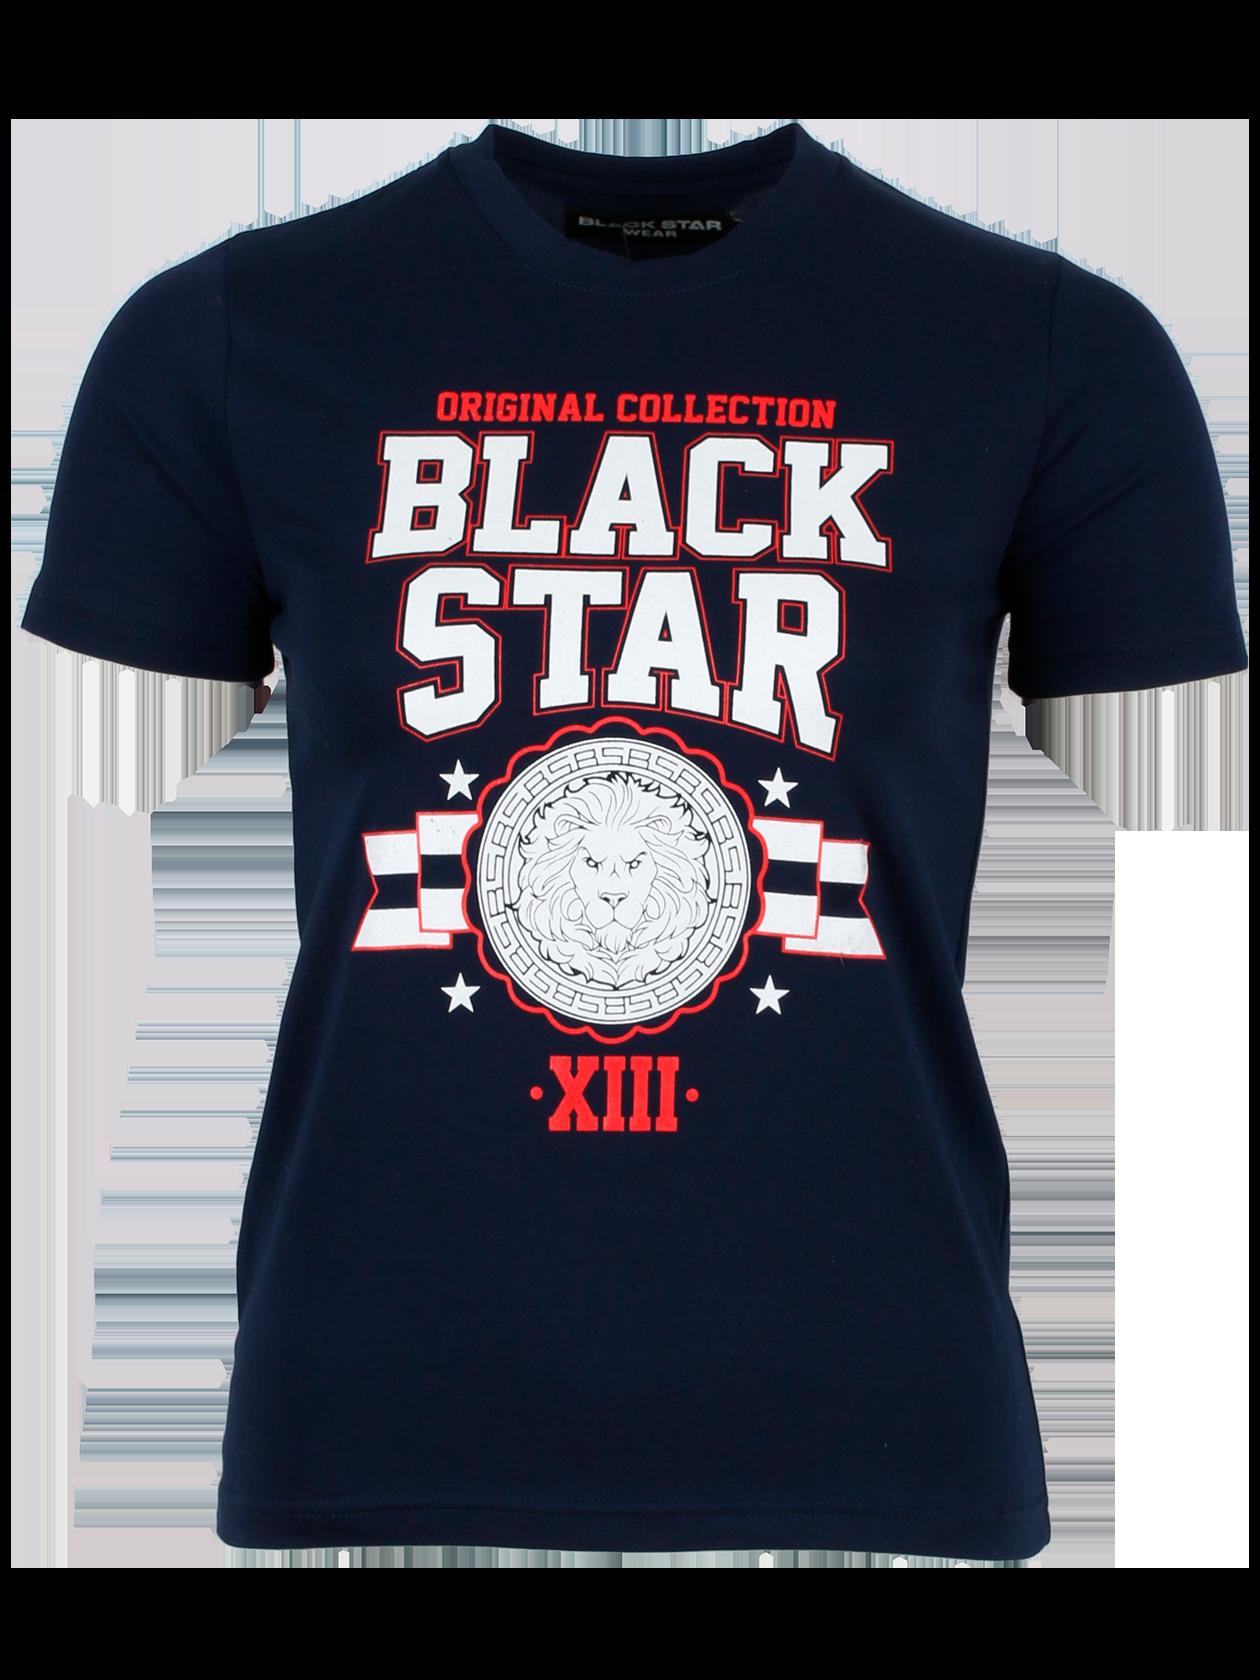 Футболка детская ORIGINAL COLLECTION от Black Star